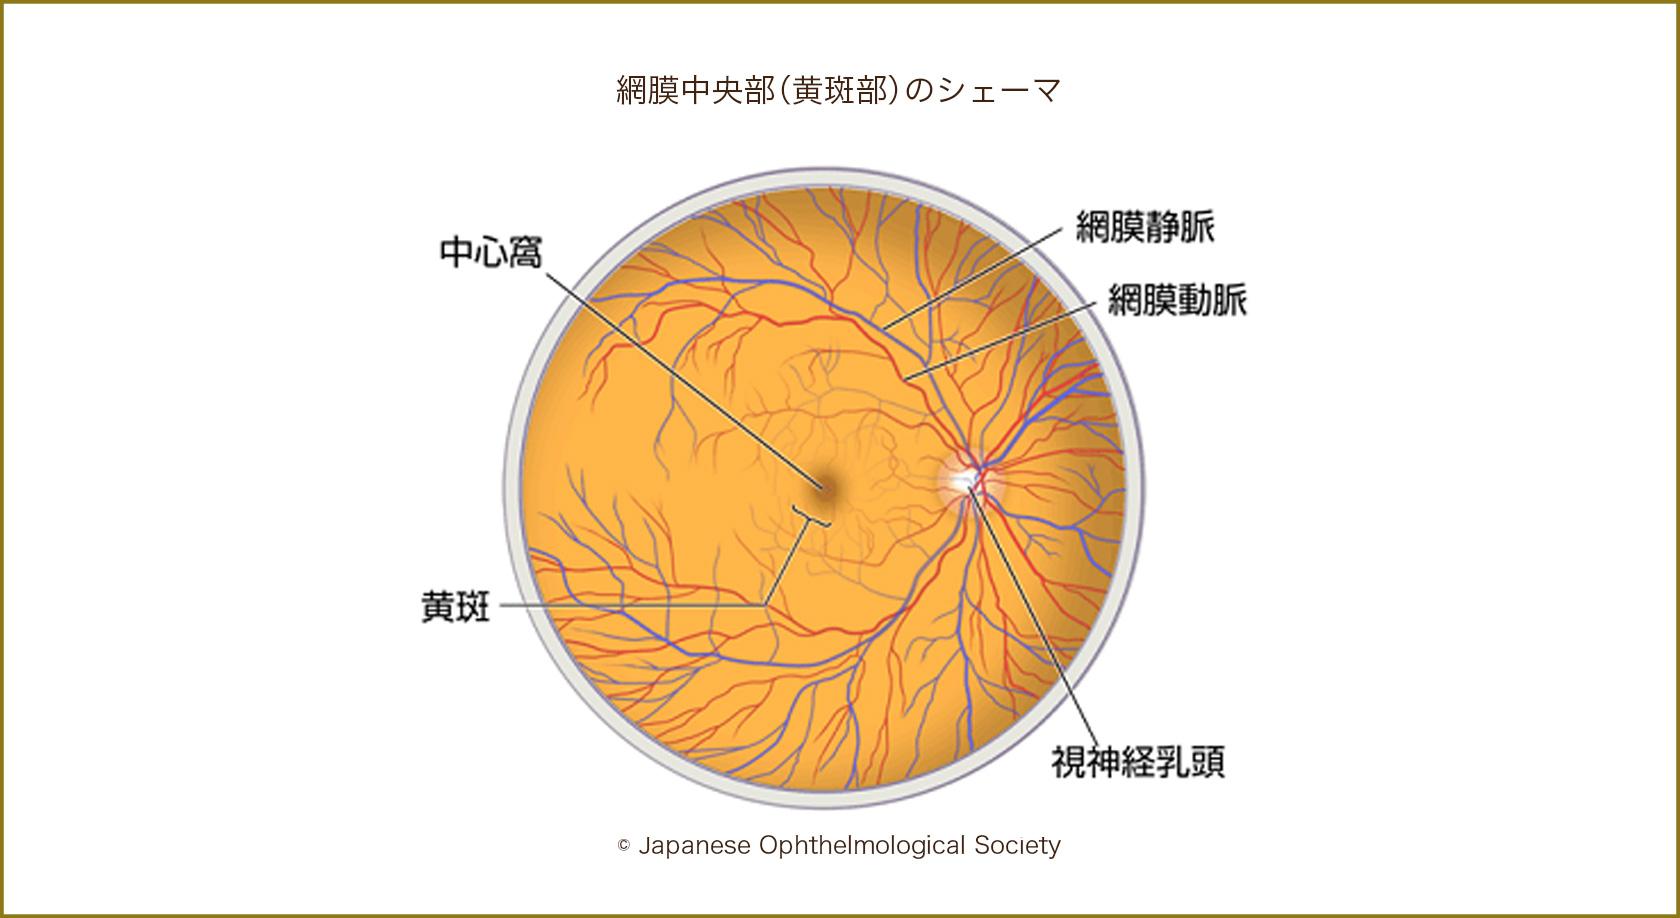 網膜中央部(黄斑部)のシェーマ